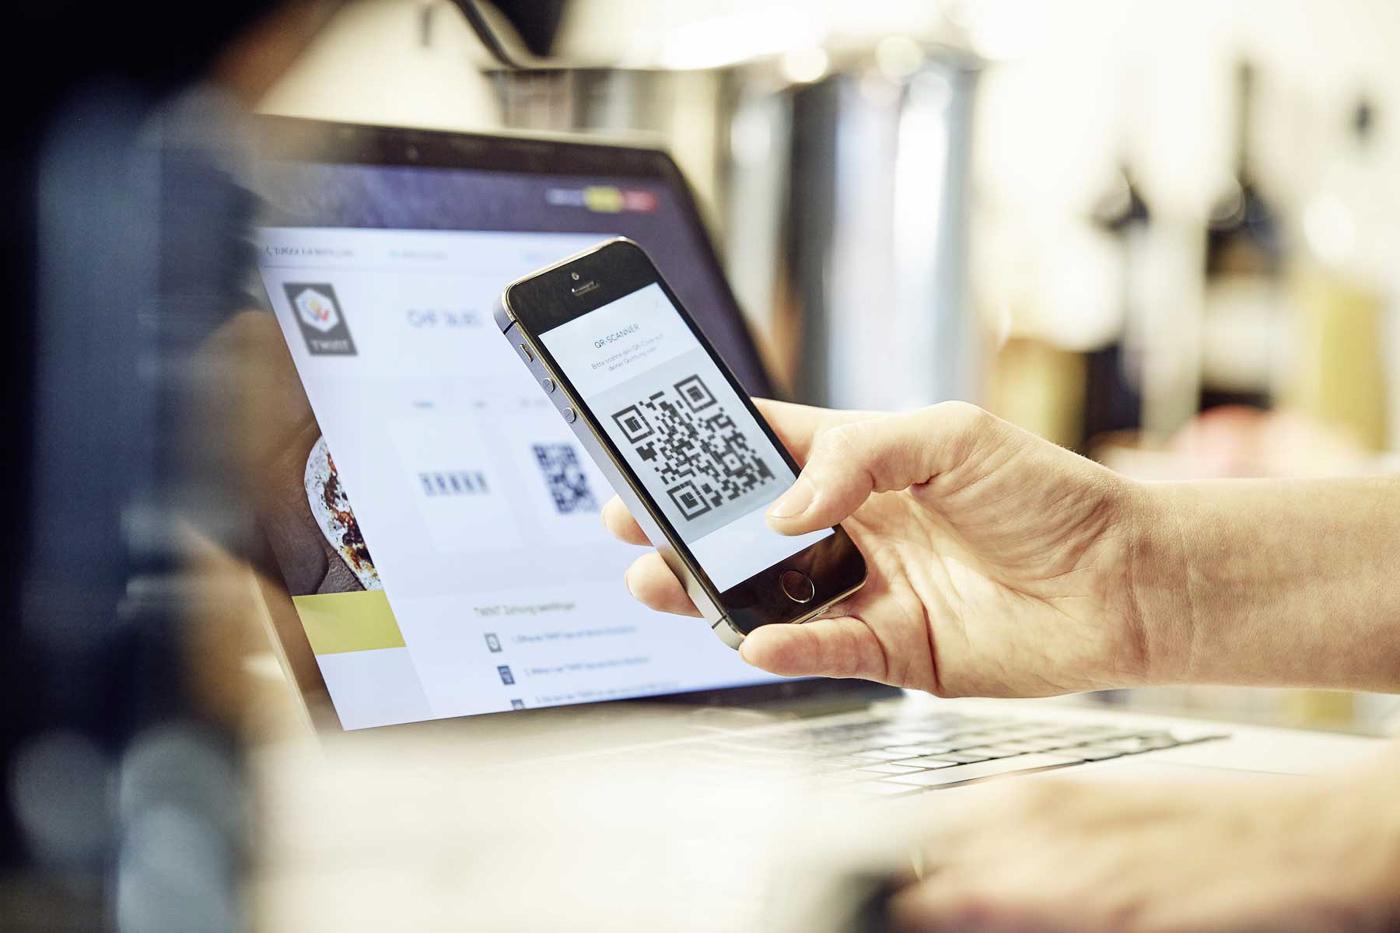 Das Einkaufen im Internet wird durch die Bezahl-App auf dem Smartphone vereinfacht.